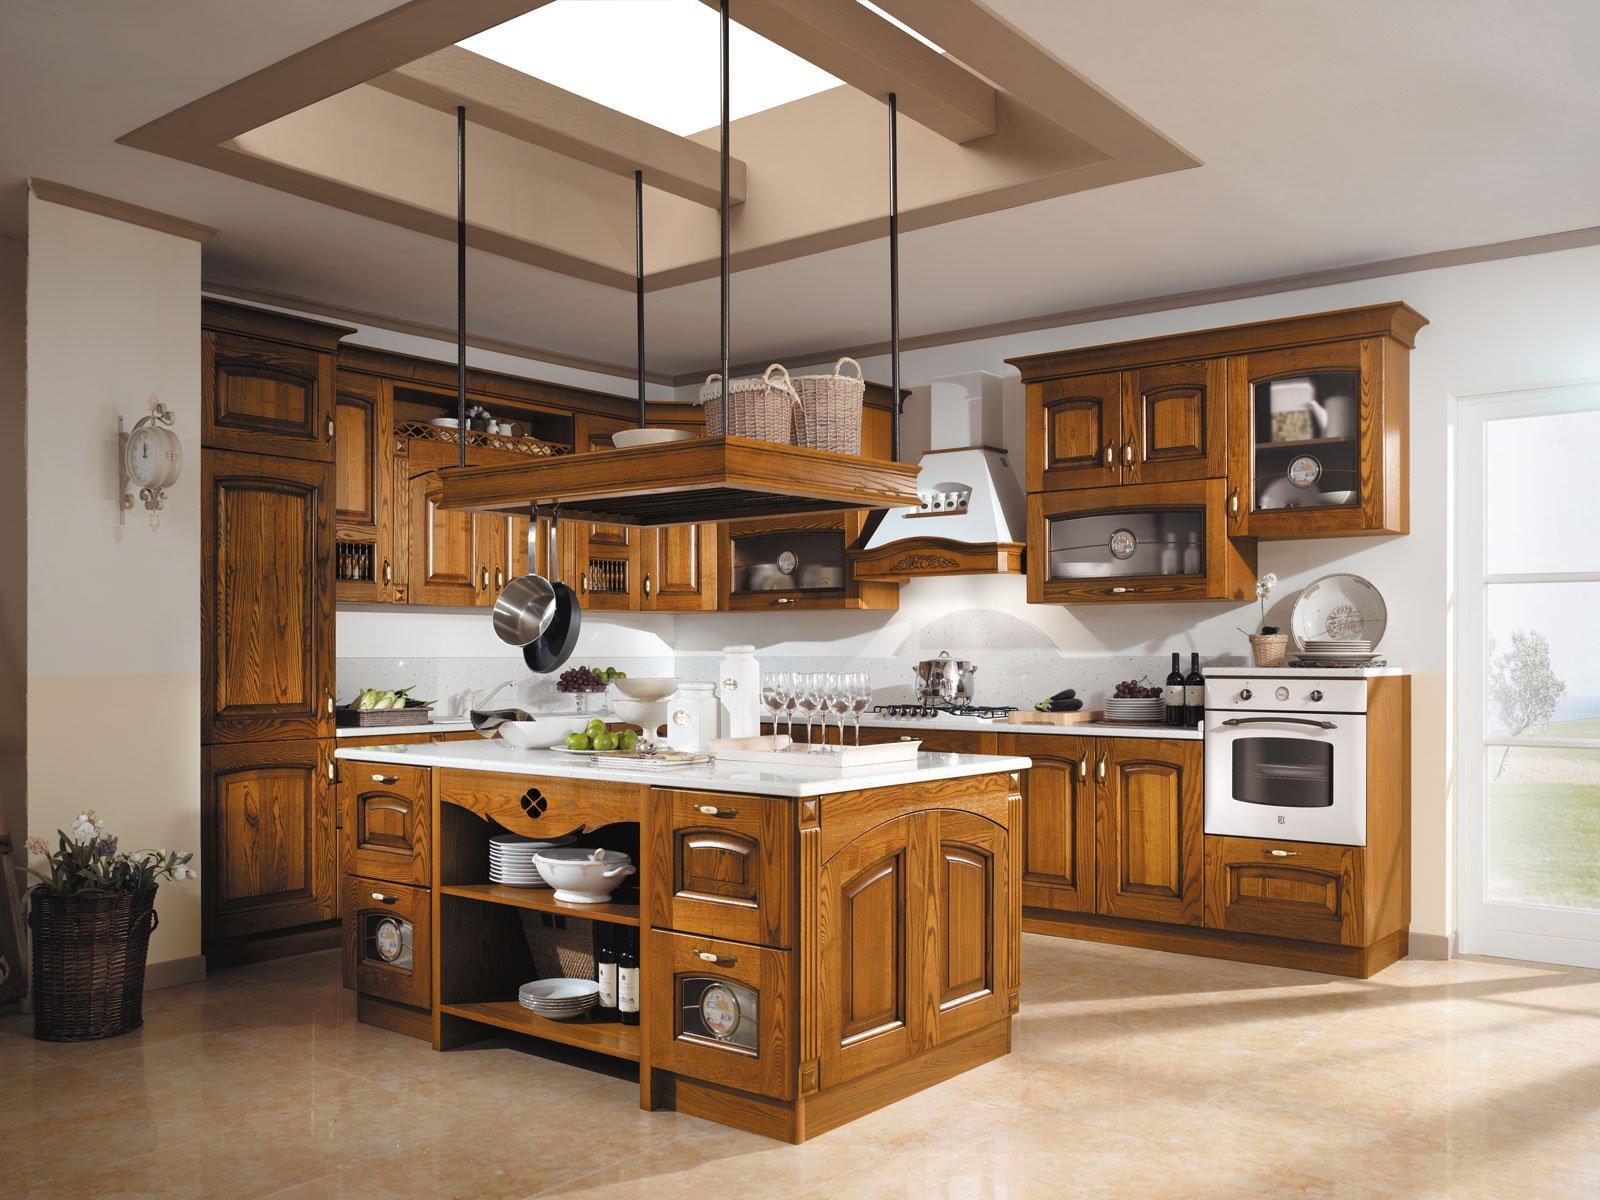 Cucine in legno tradizionali country o moderne cose di - Disegni di cucine ...